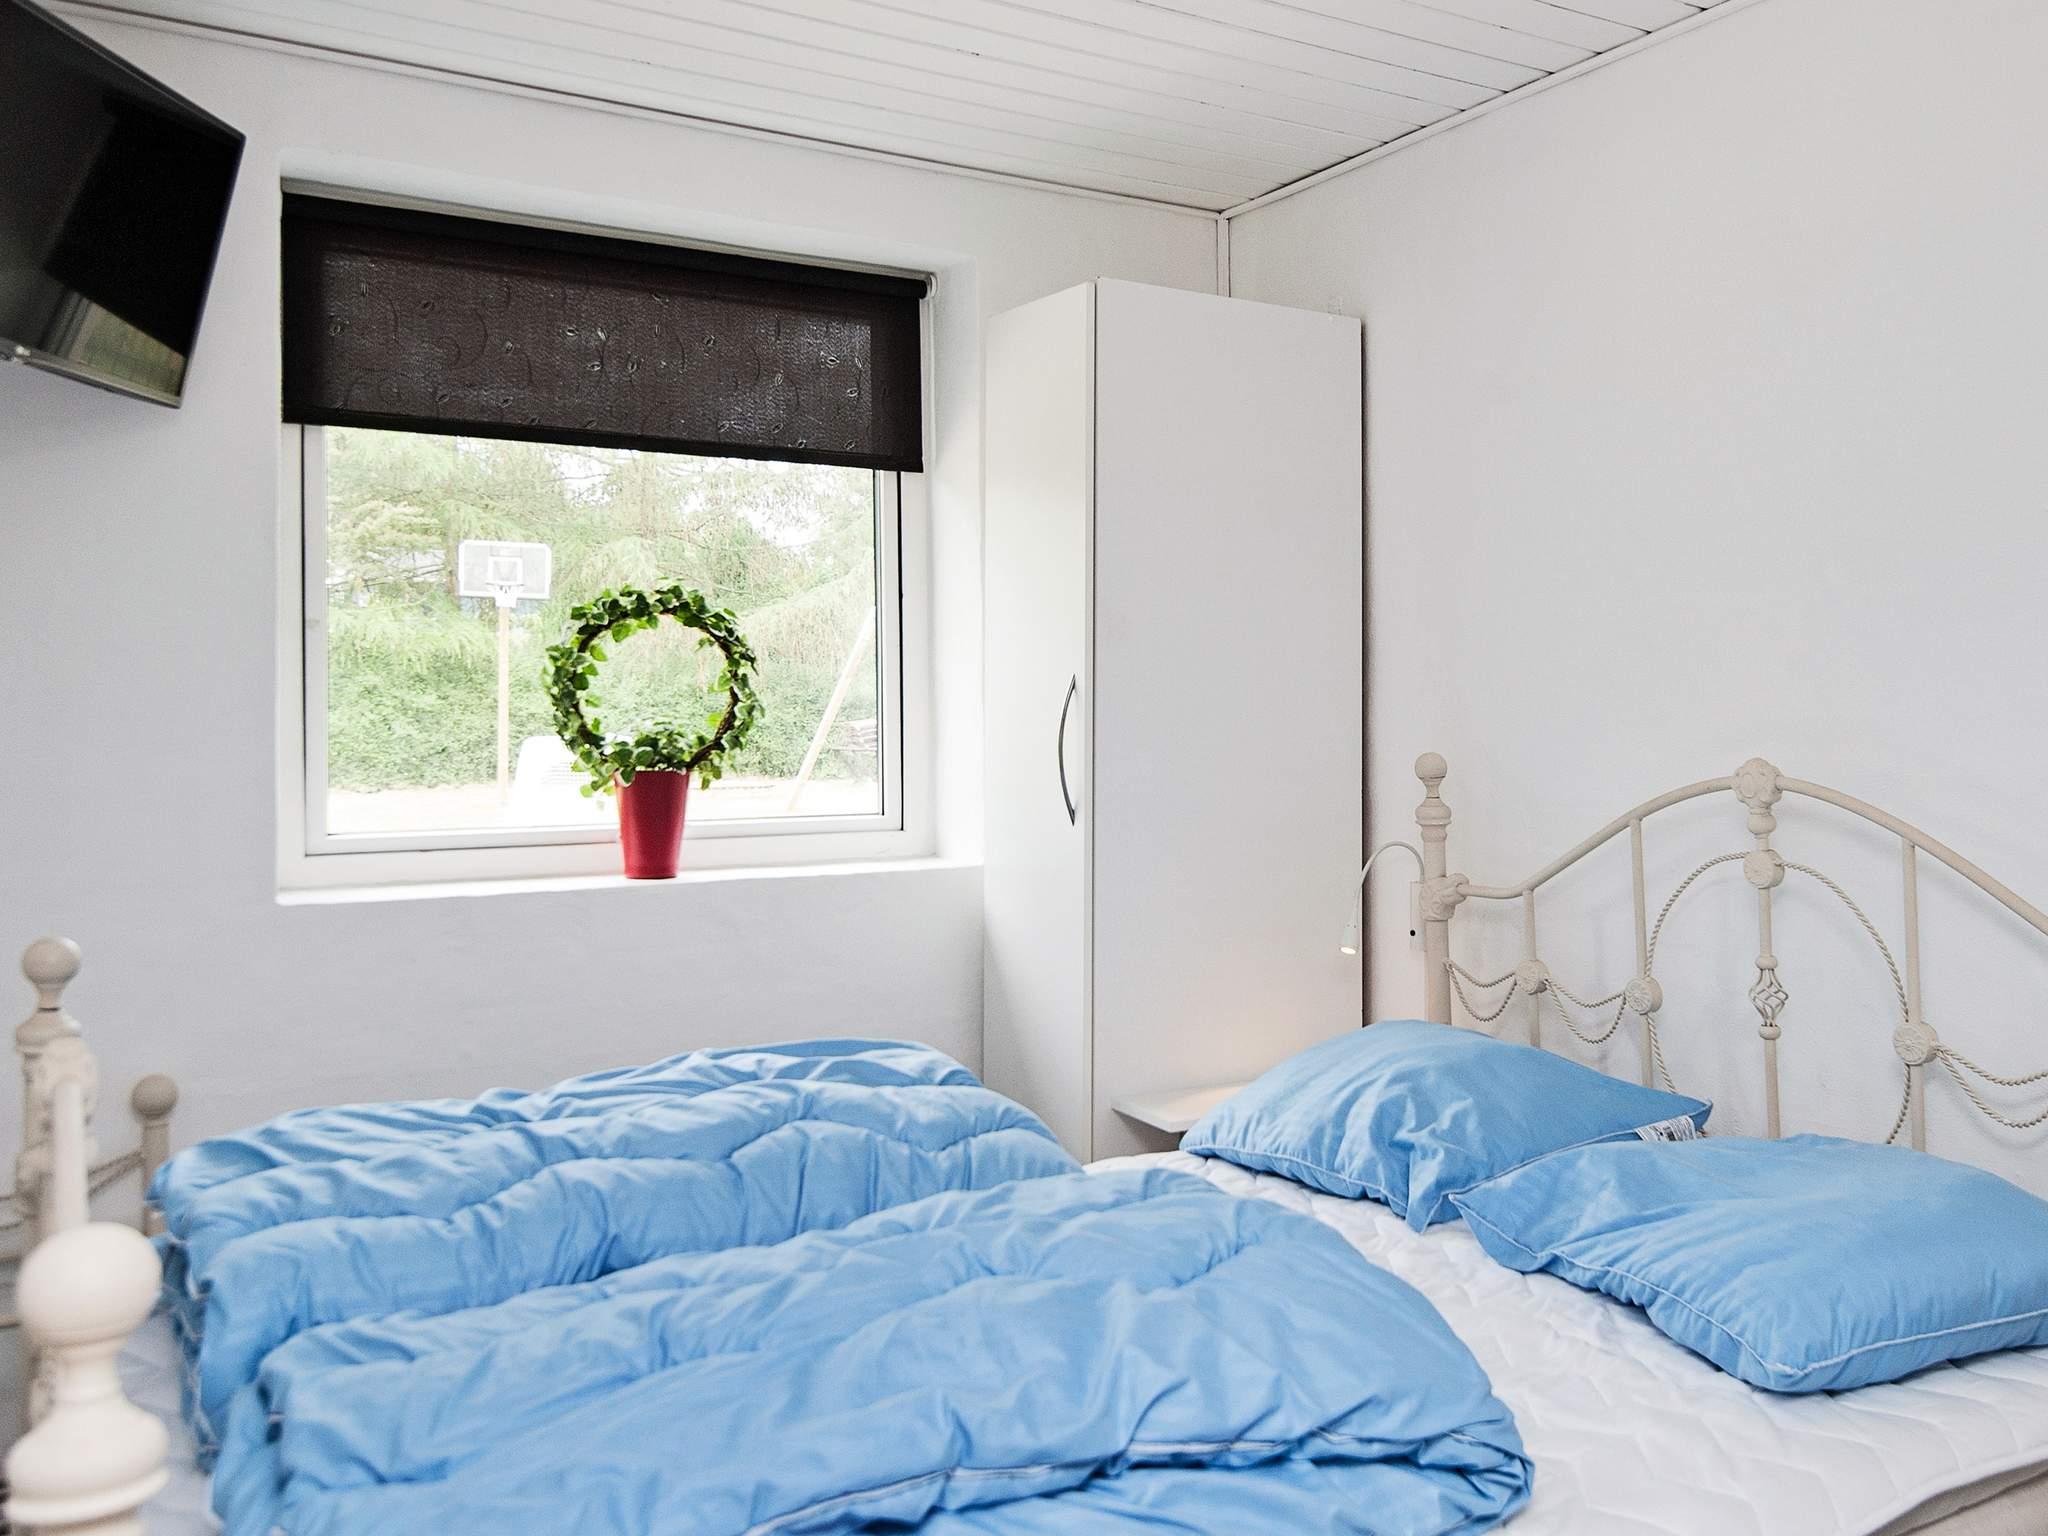 Ferienhaus Egsmark Strand (493427), Egsmark, , Dänische Ostsee, Dänemark, Bild 10